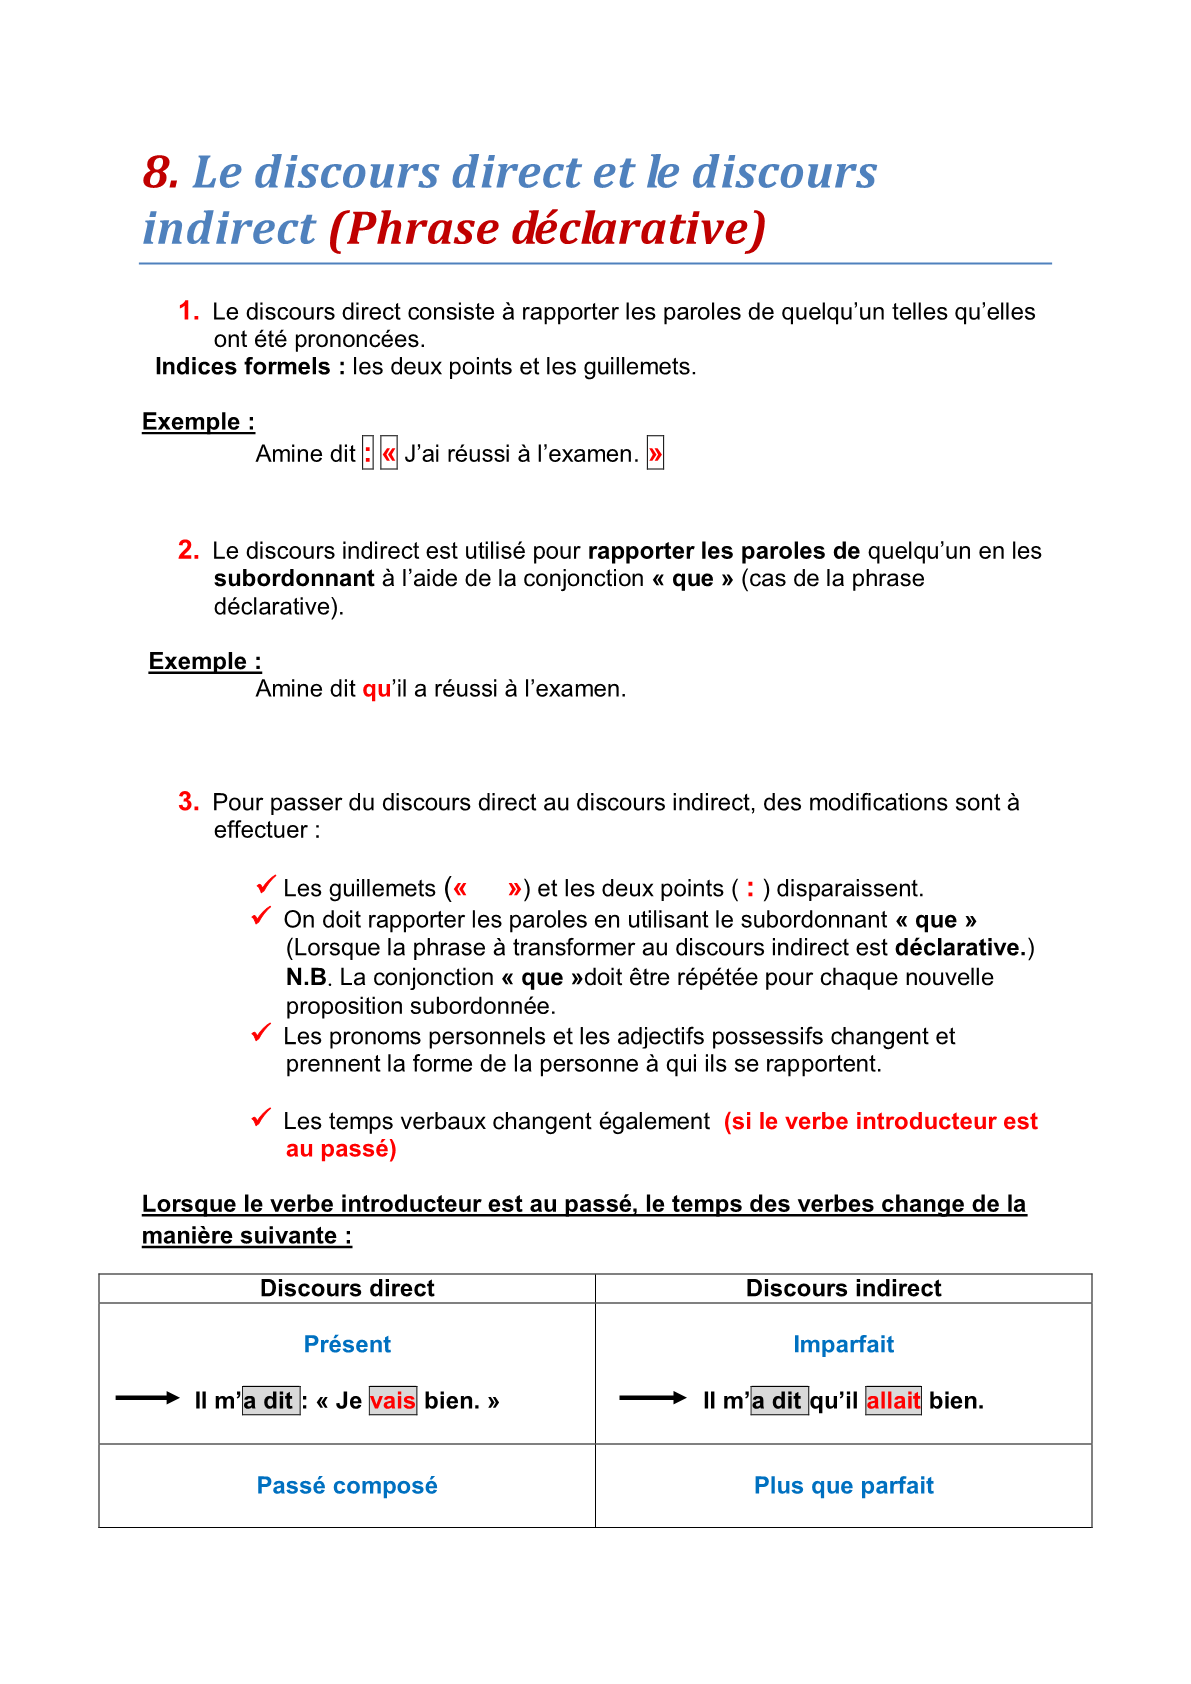 درس Le discours direct et le discours indirect للمستوى الثالثة إعدادي